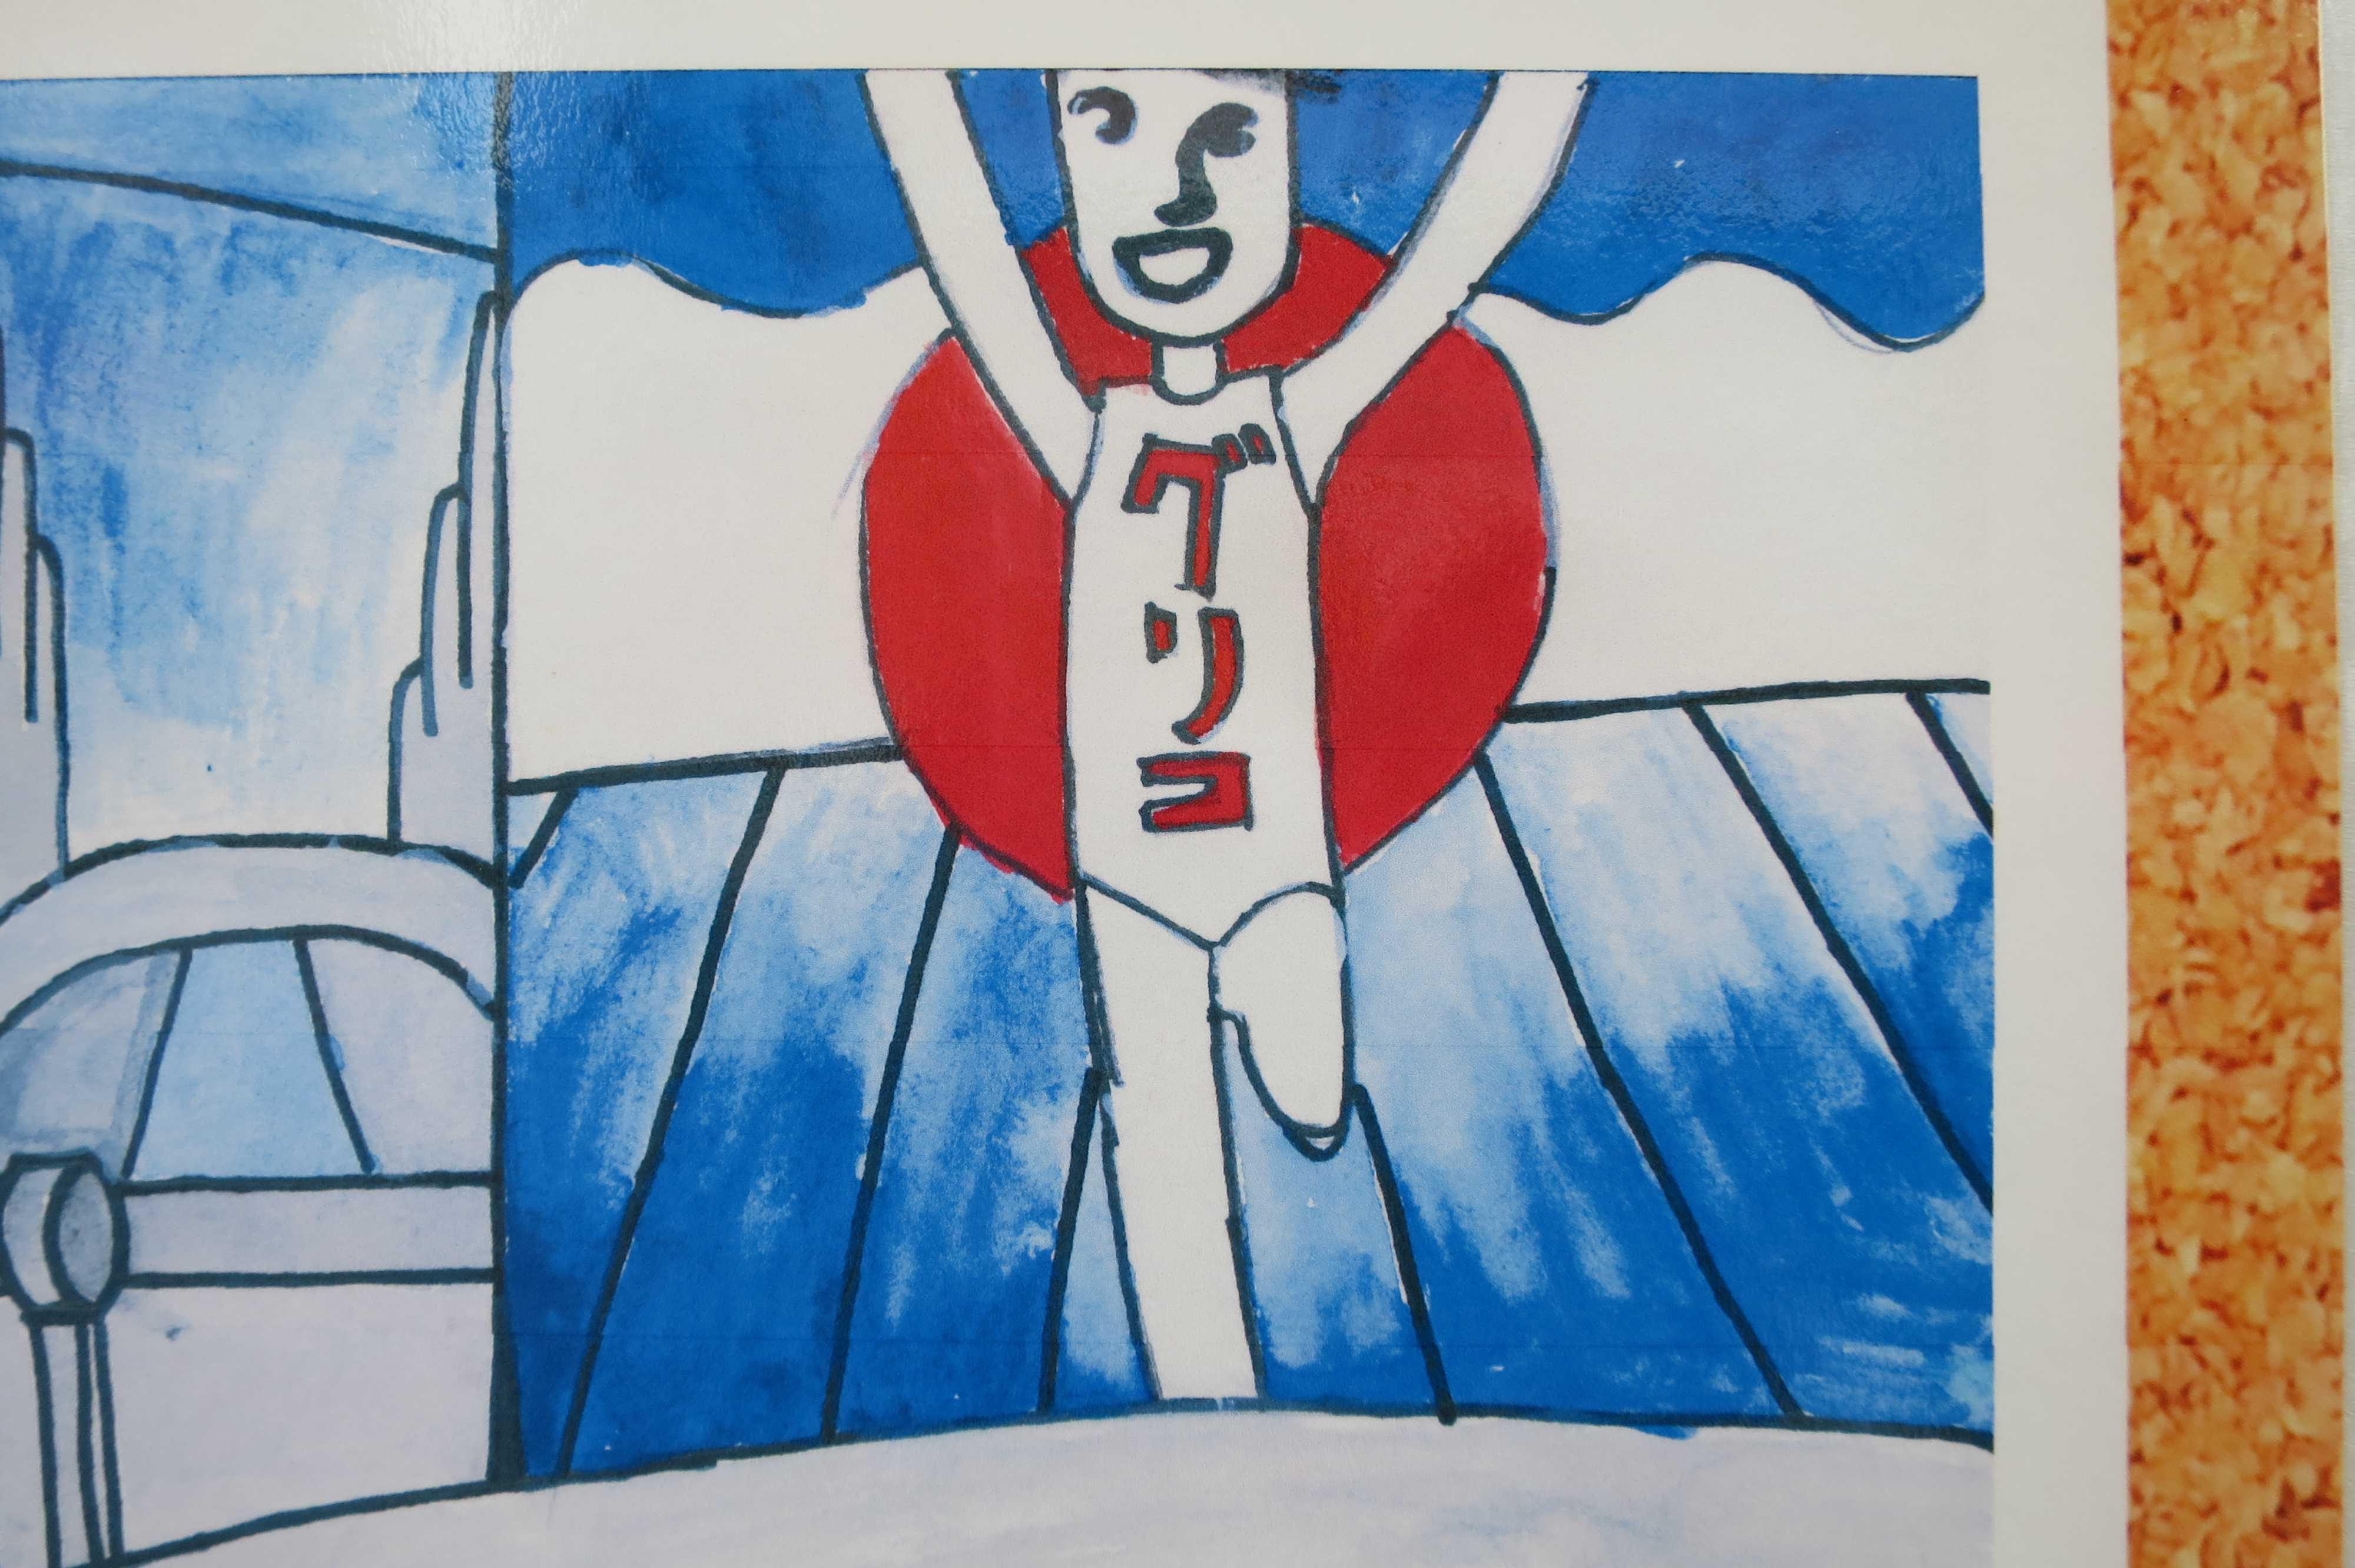 大阪・道頓堀 - 子供たちが描いたゴールインマーク